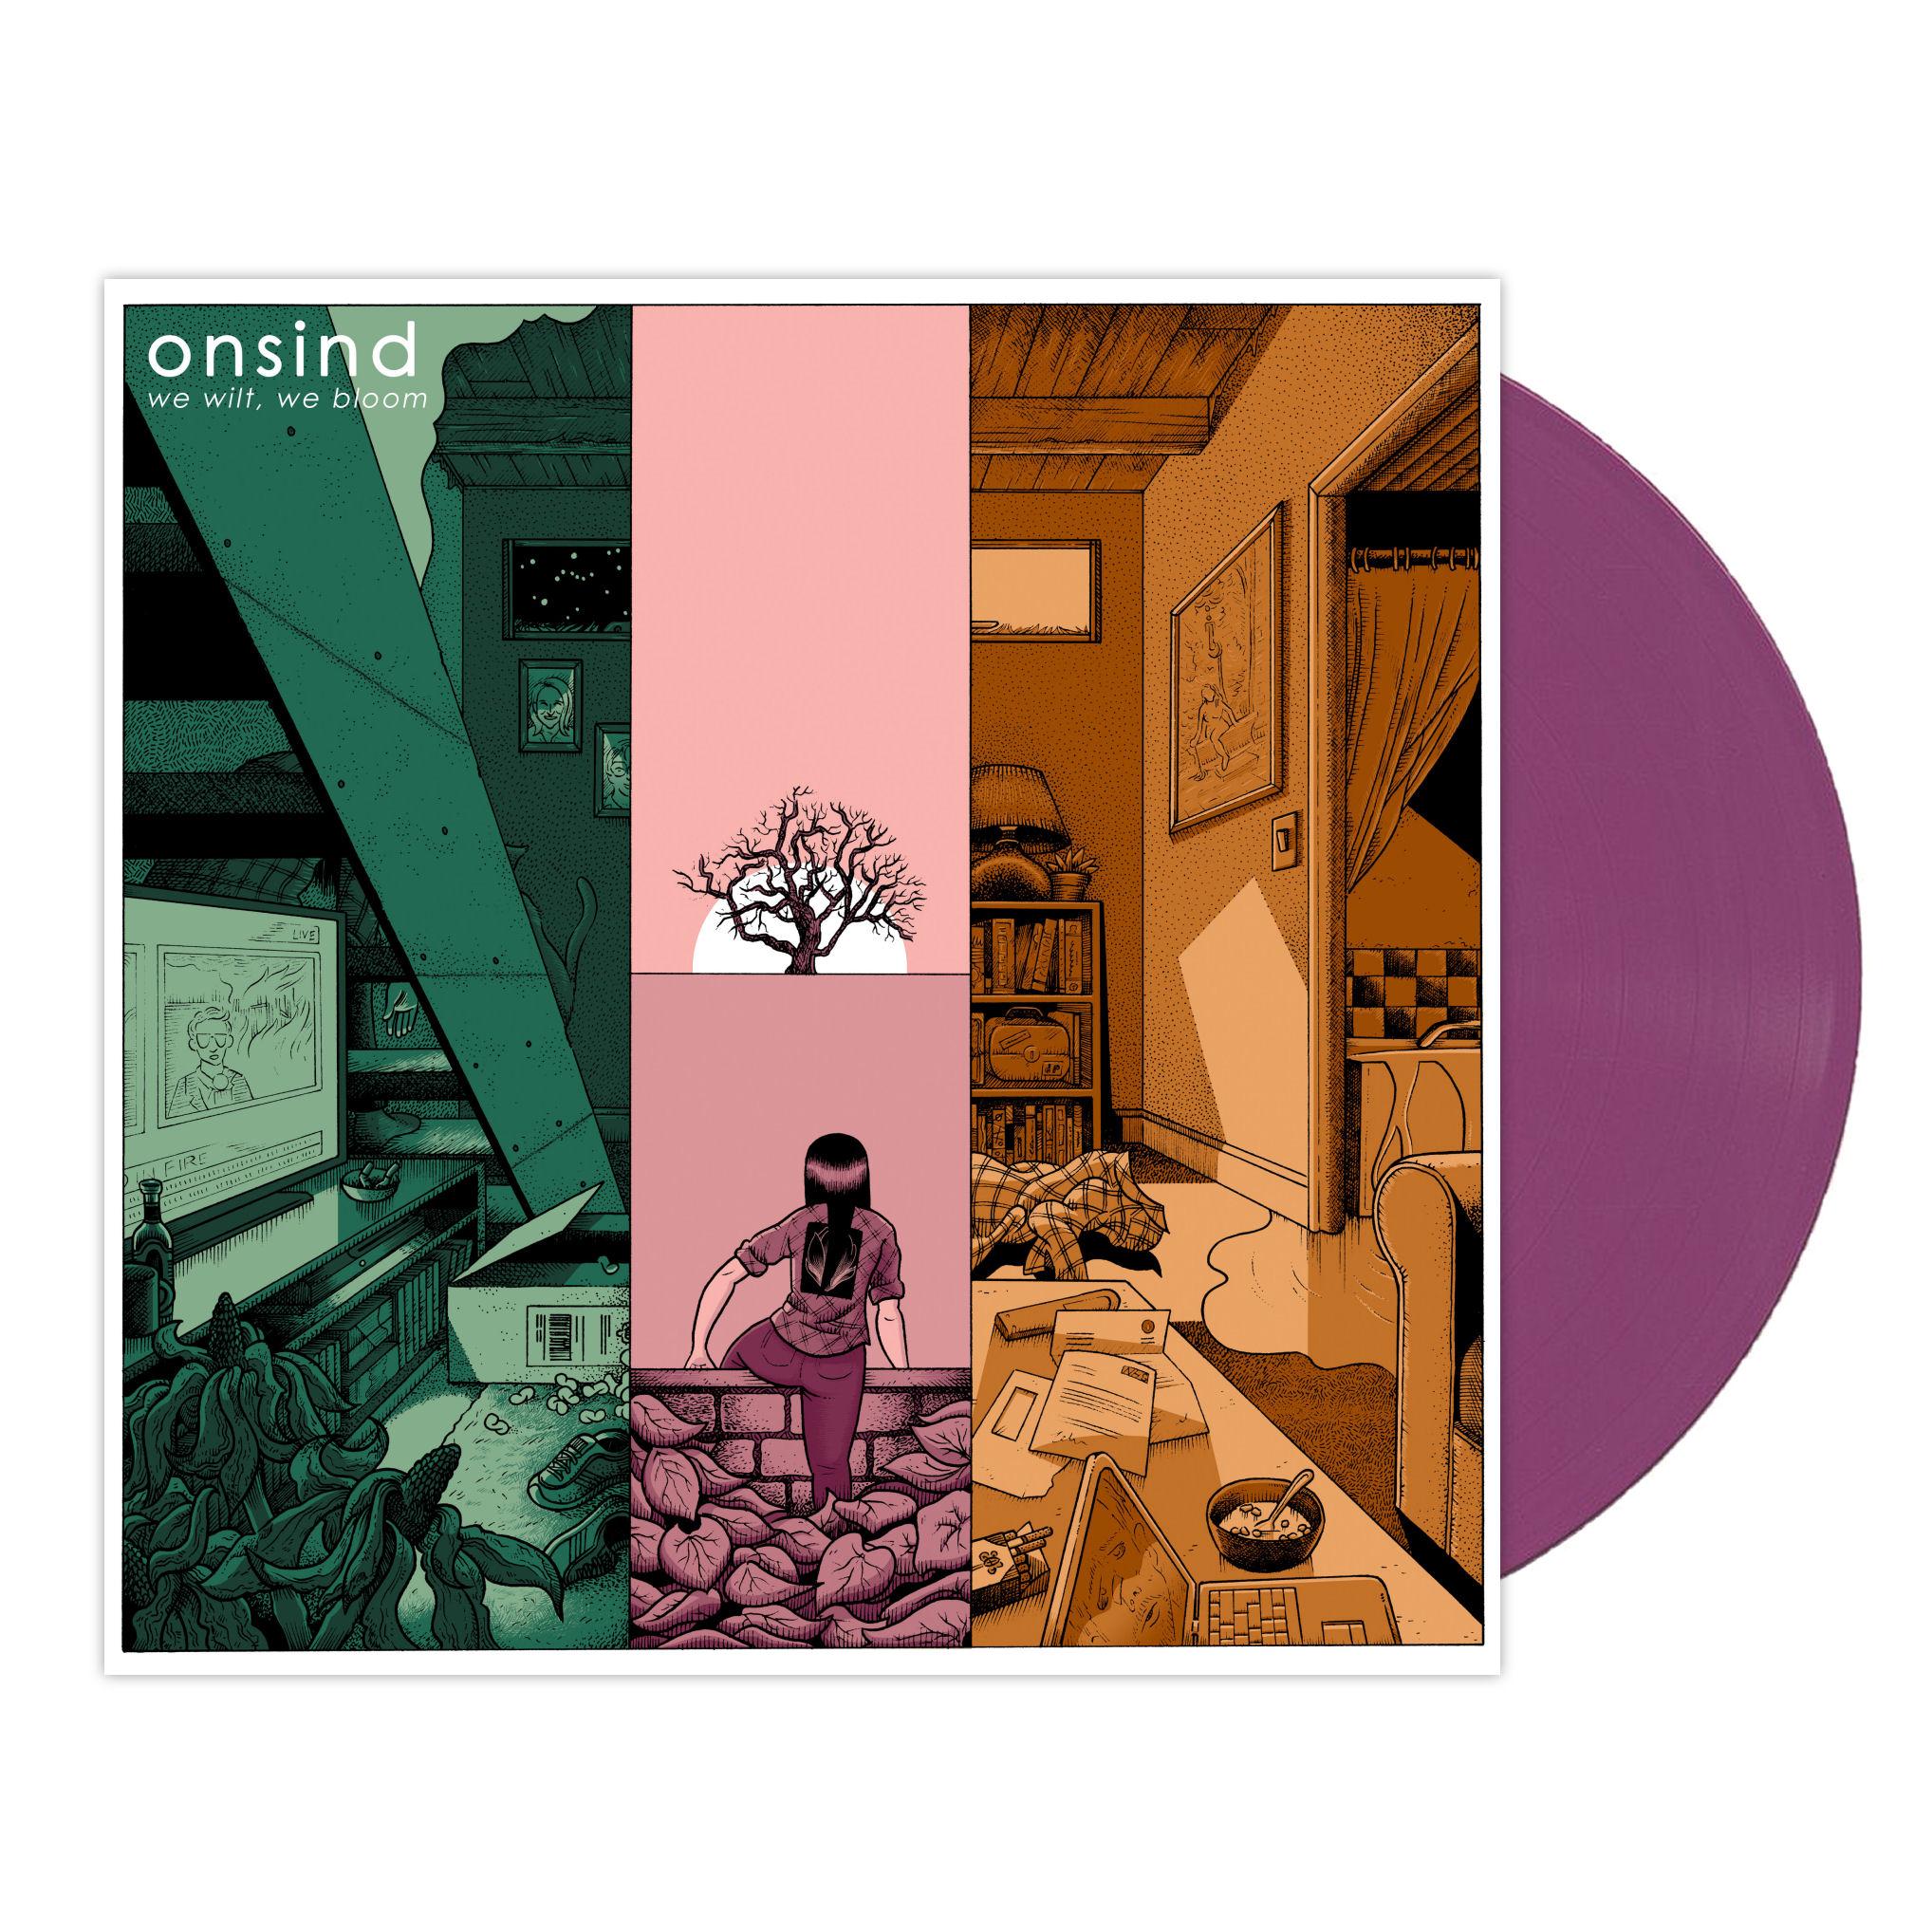 Onsind - We Wilt, We Bloom LP / CD